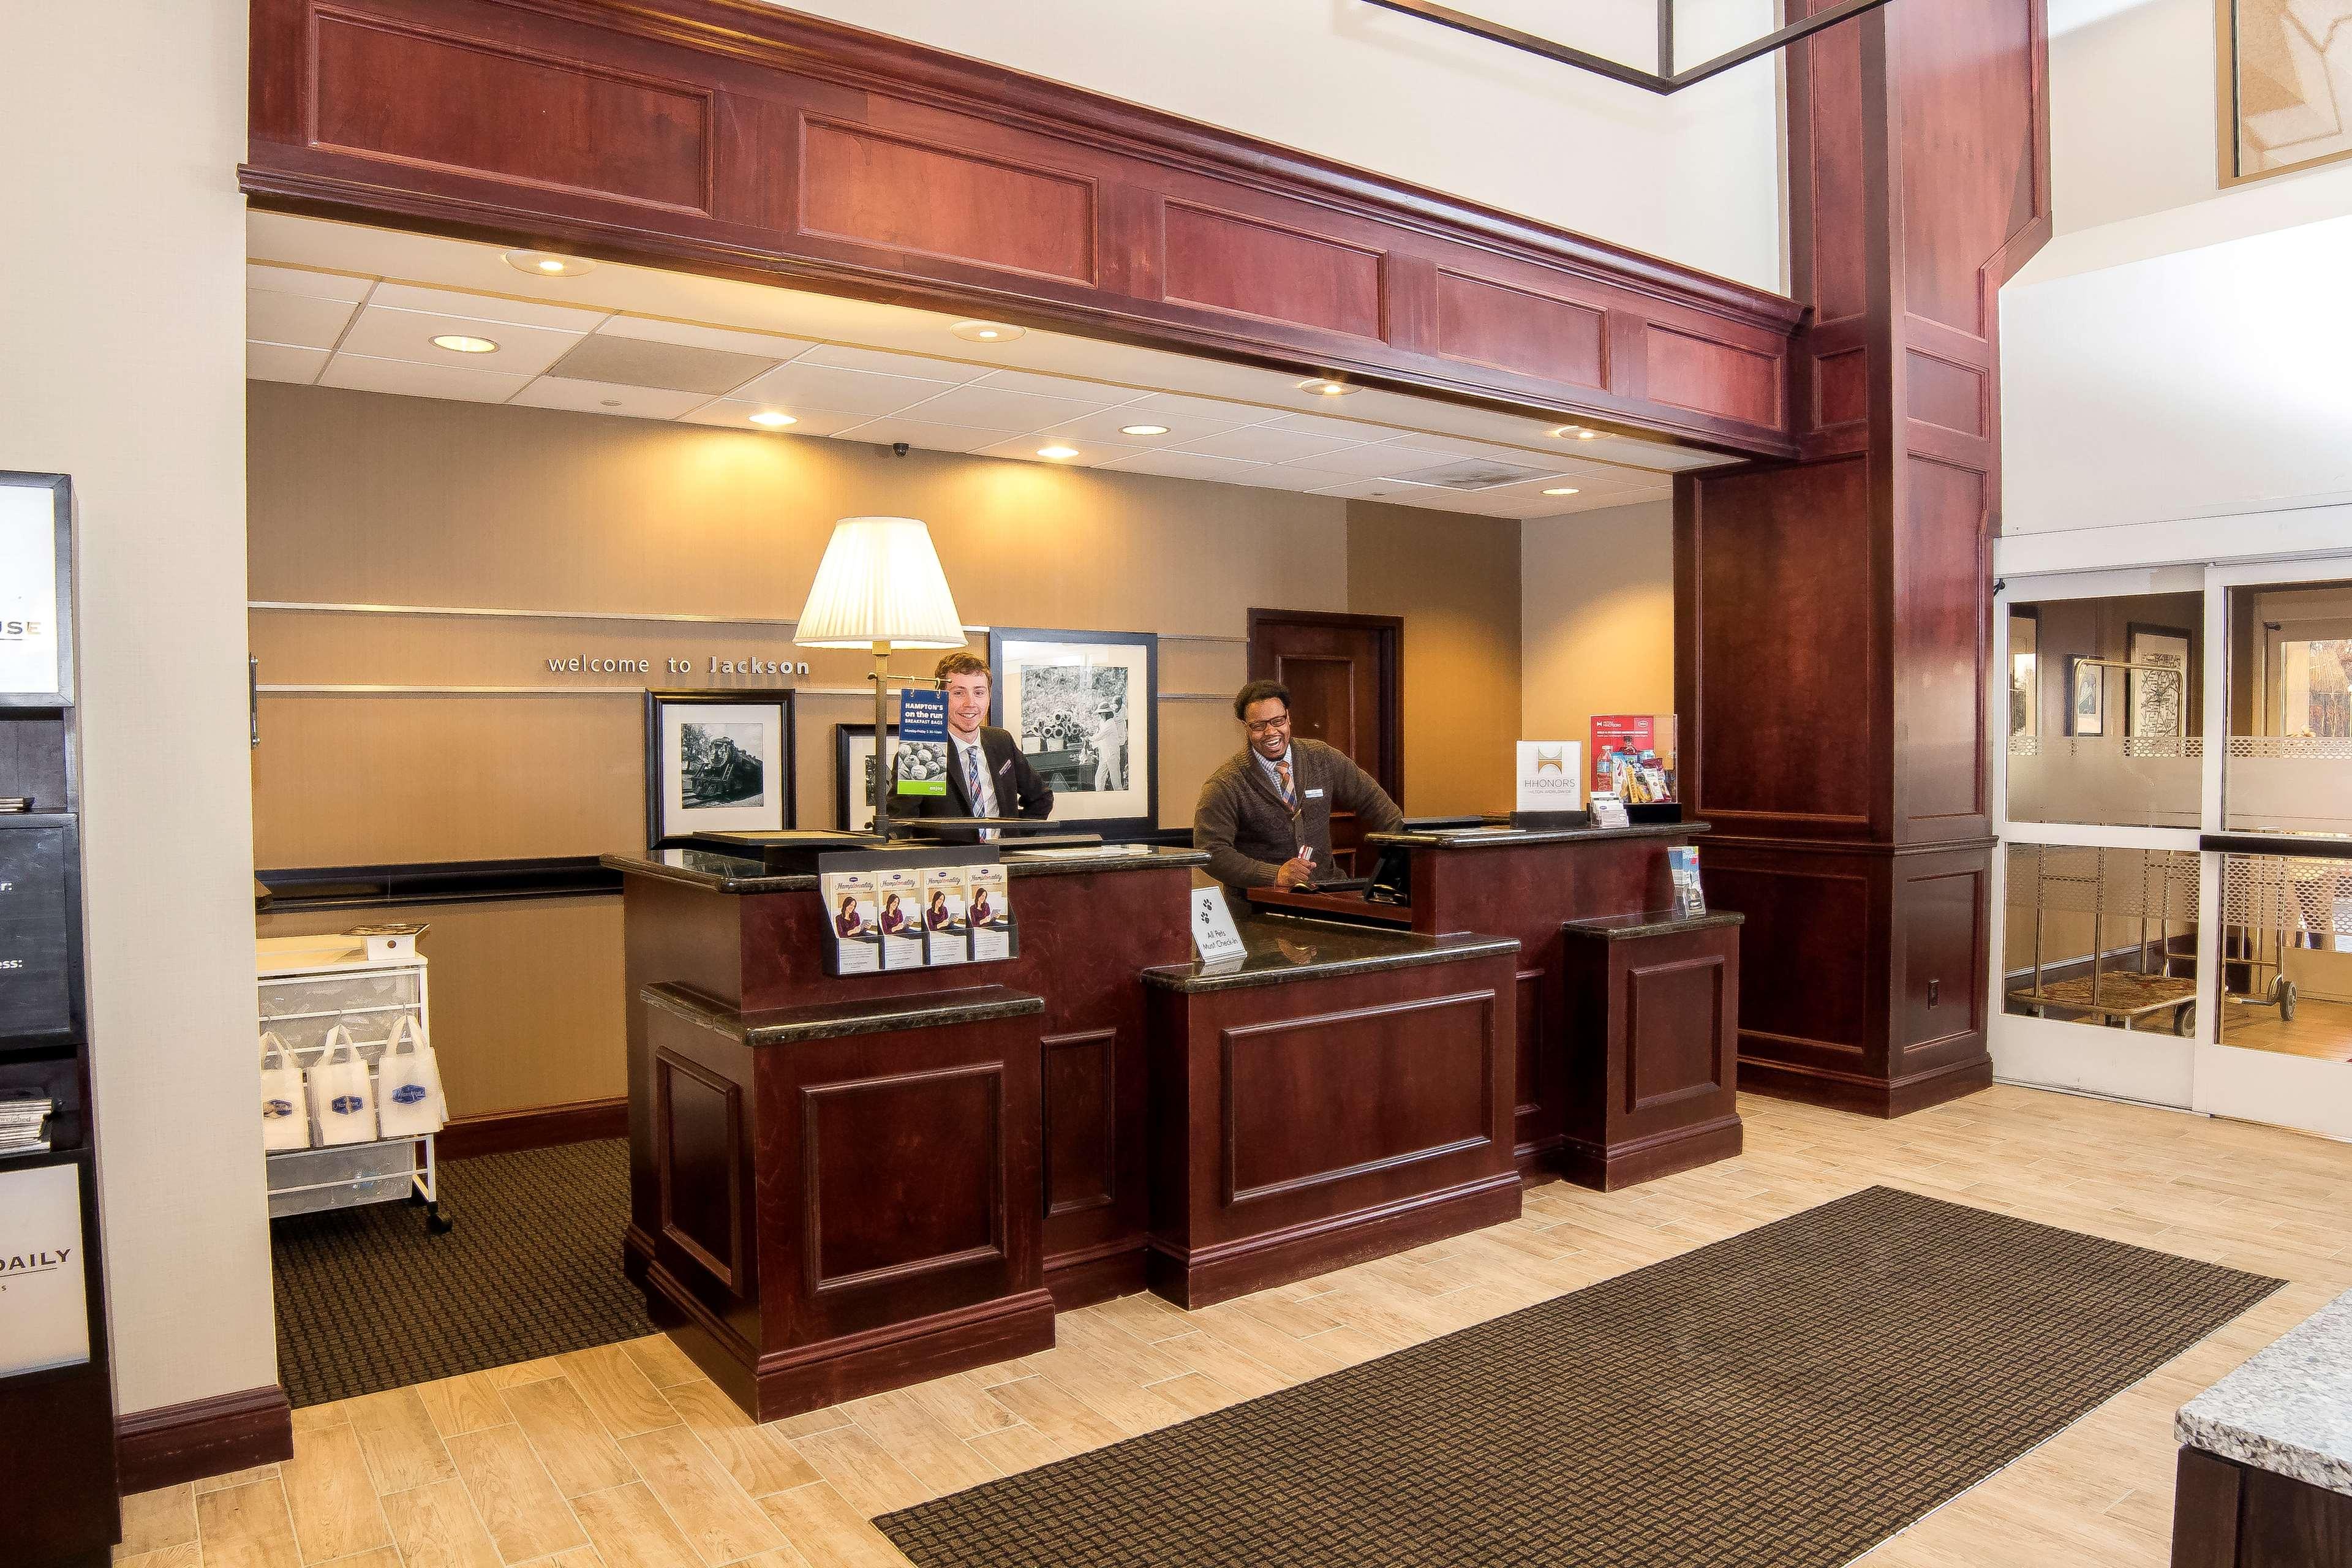 Hampton Inn & Suites Jackson image 6